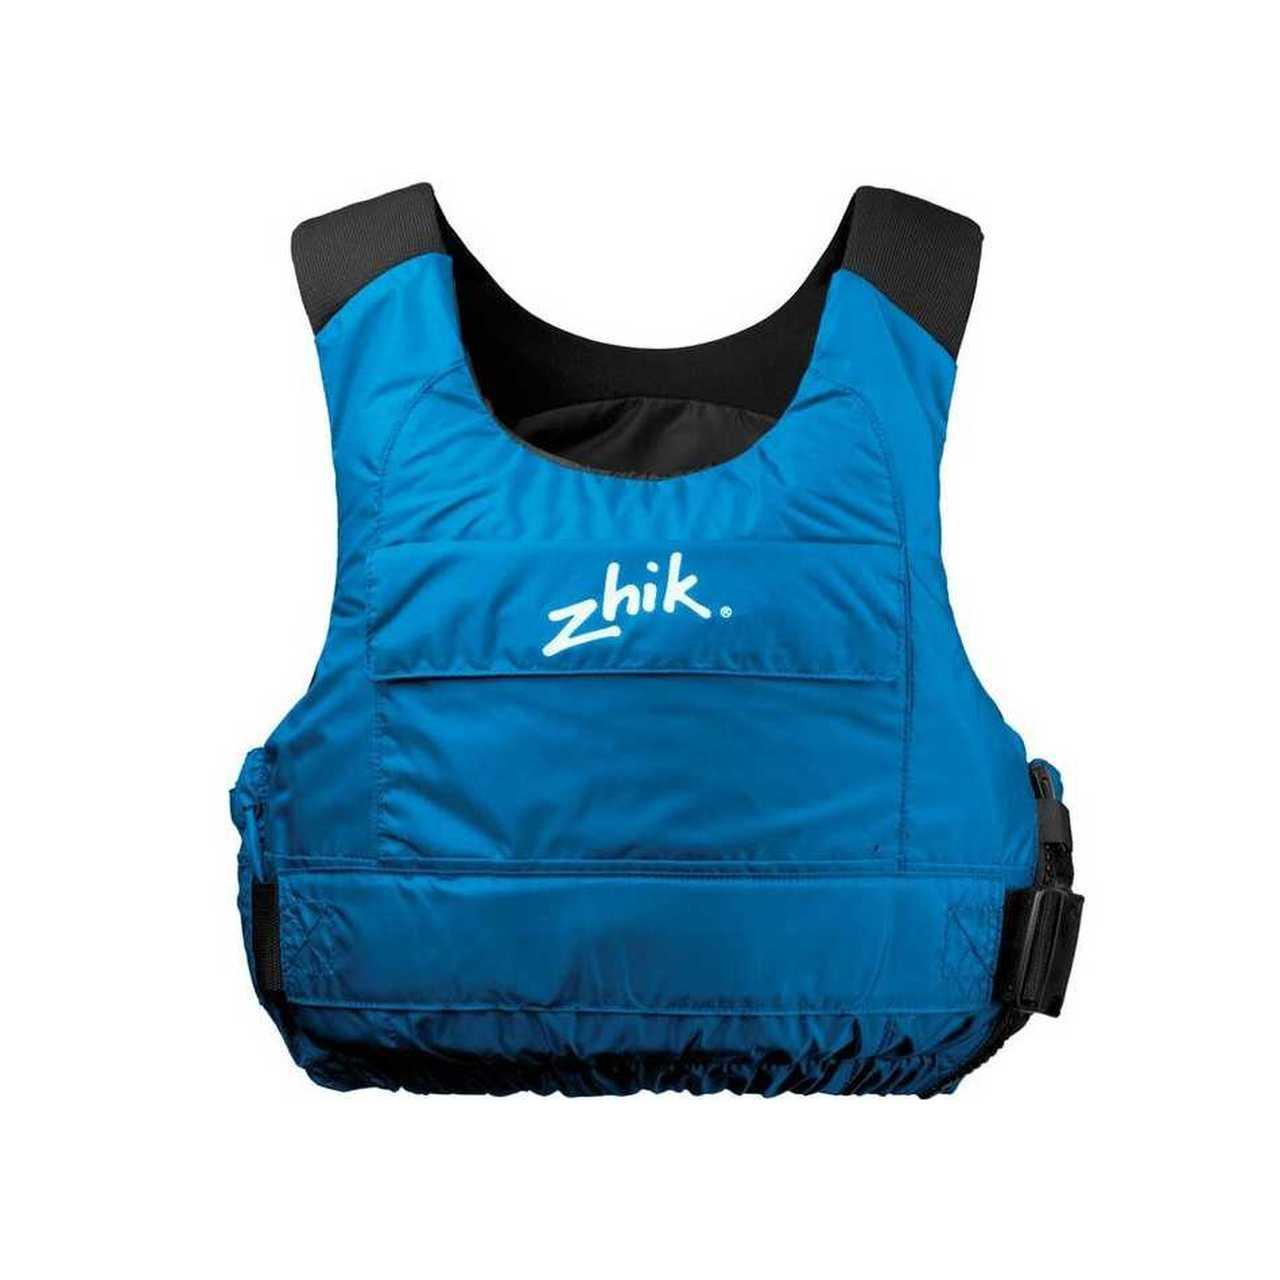 zhik-uscg-certified-pfd-0040-43346-blue-front-62604.1559672627.jpg